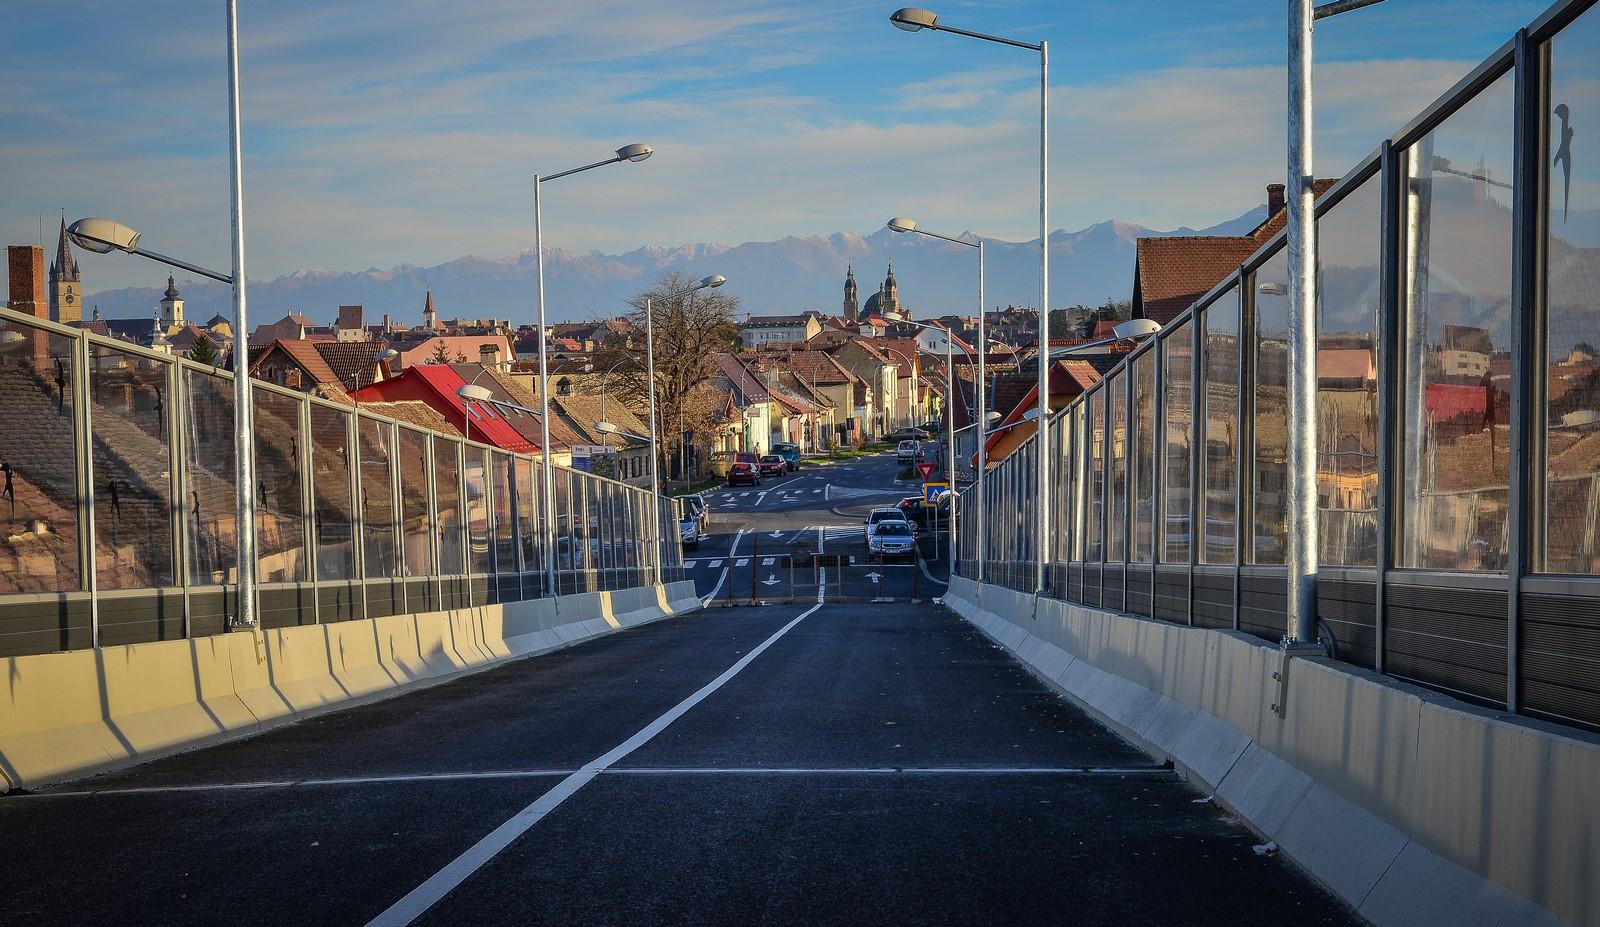 """Acum zece ani, viaductul Kogălniceanu era doar o idee """"în hârtii"""""""